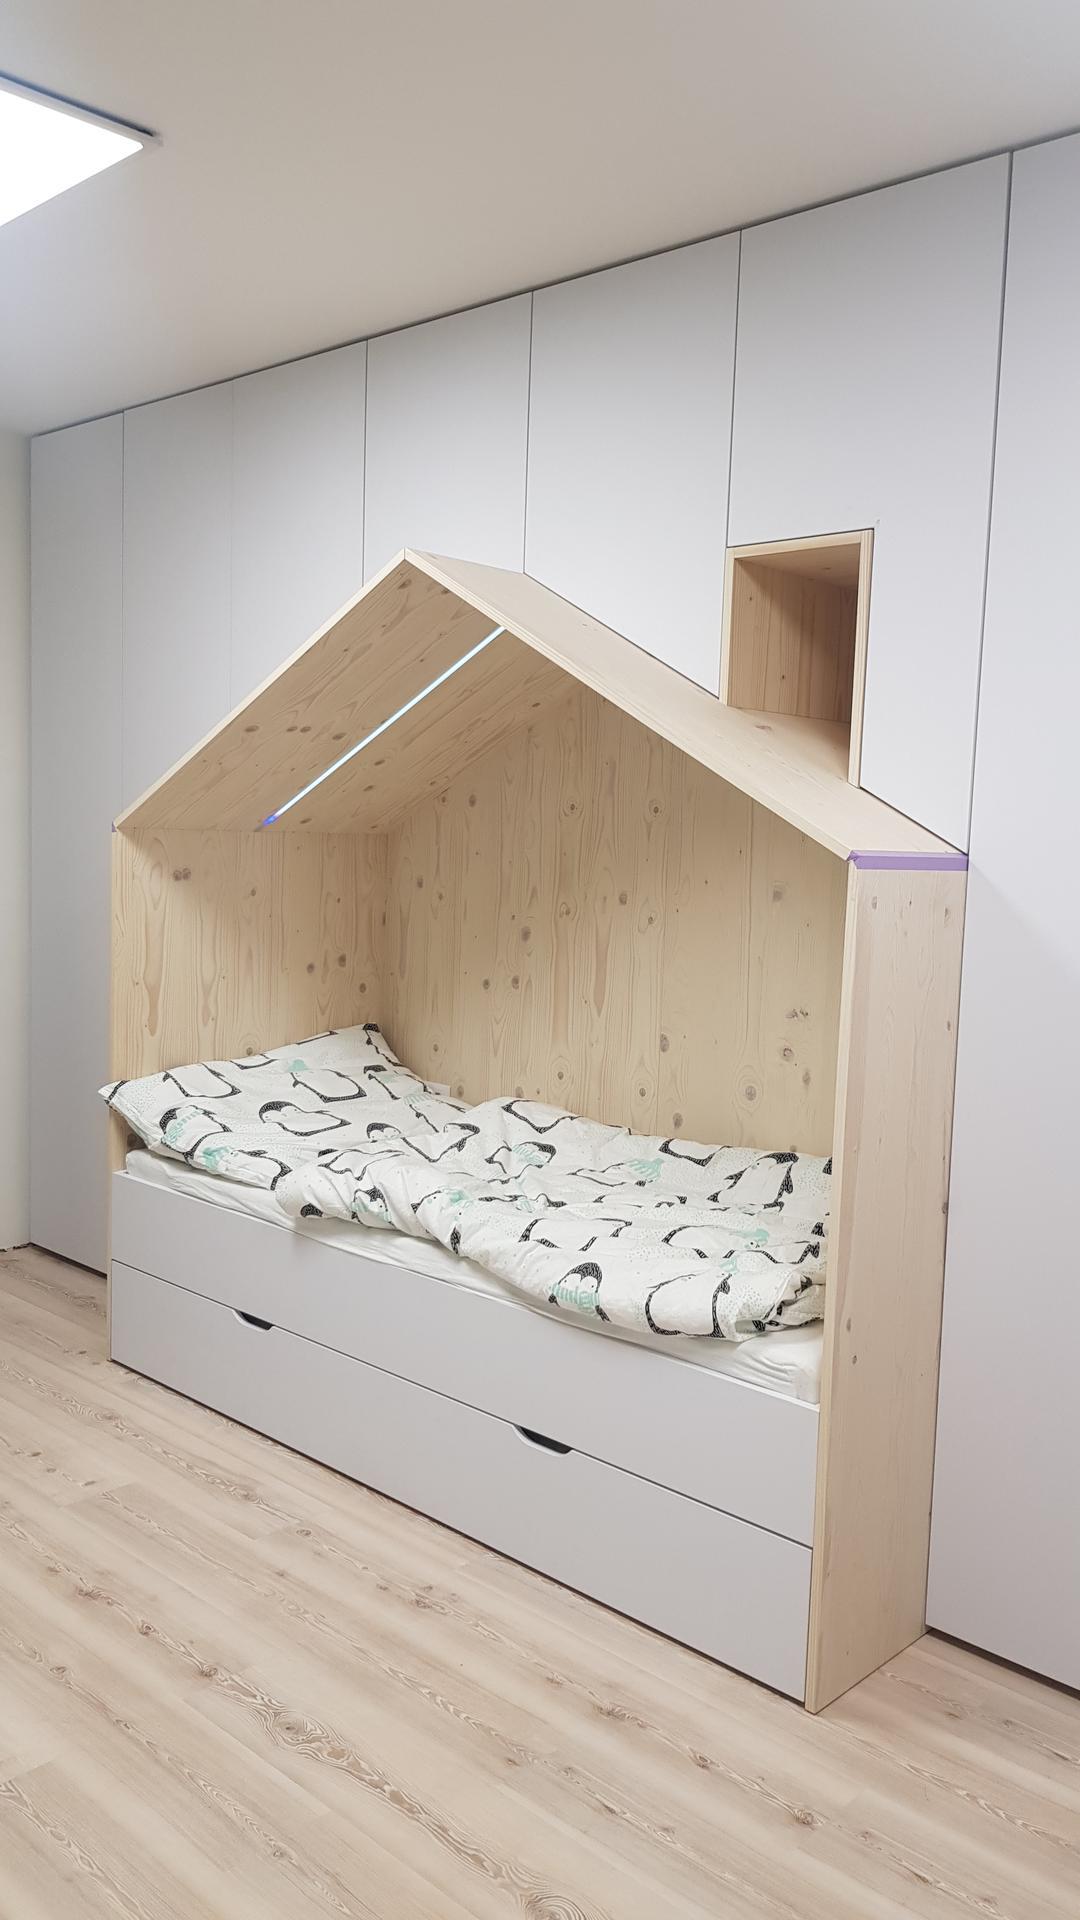 Naša rekonštrukcia - stena s posteľou je na komplet